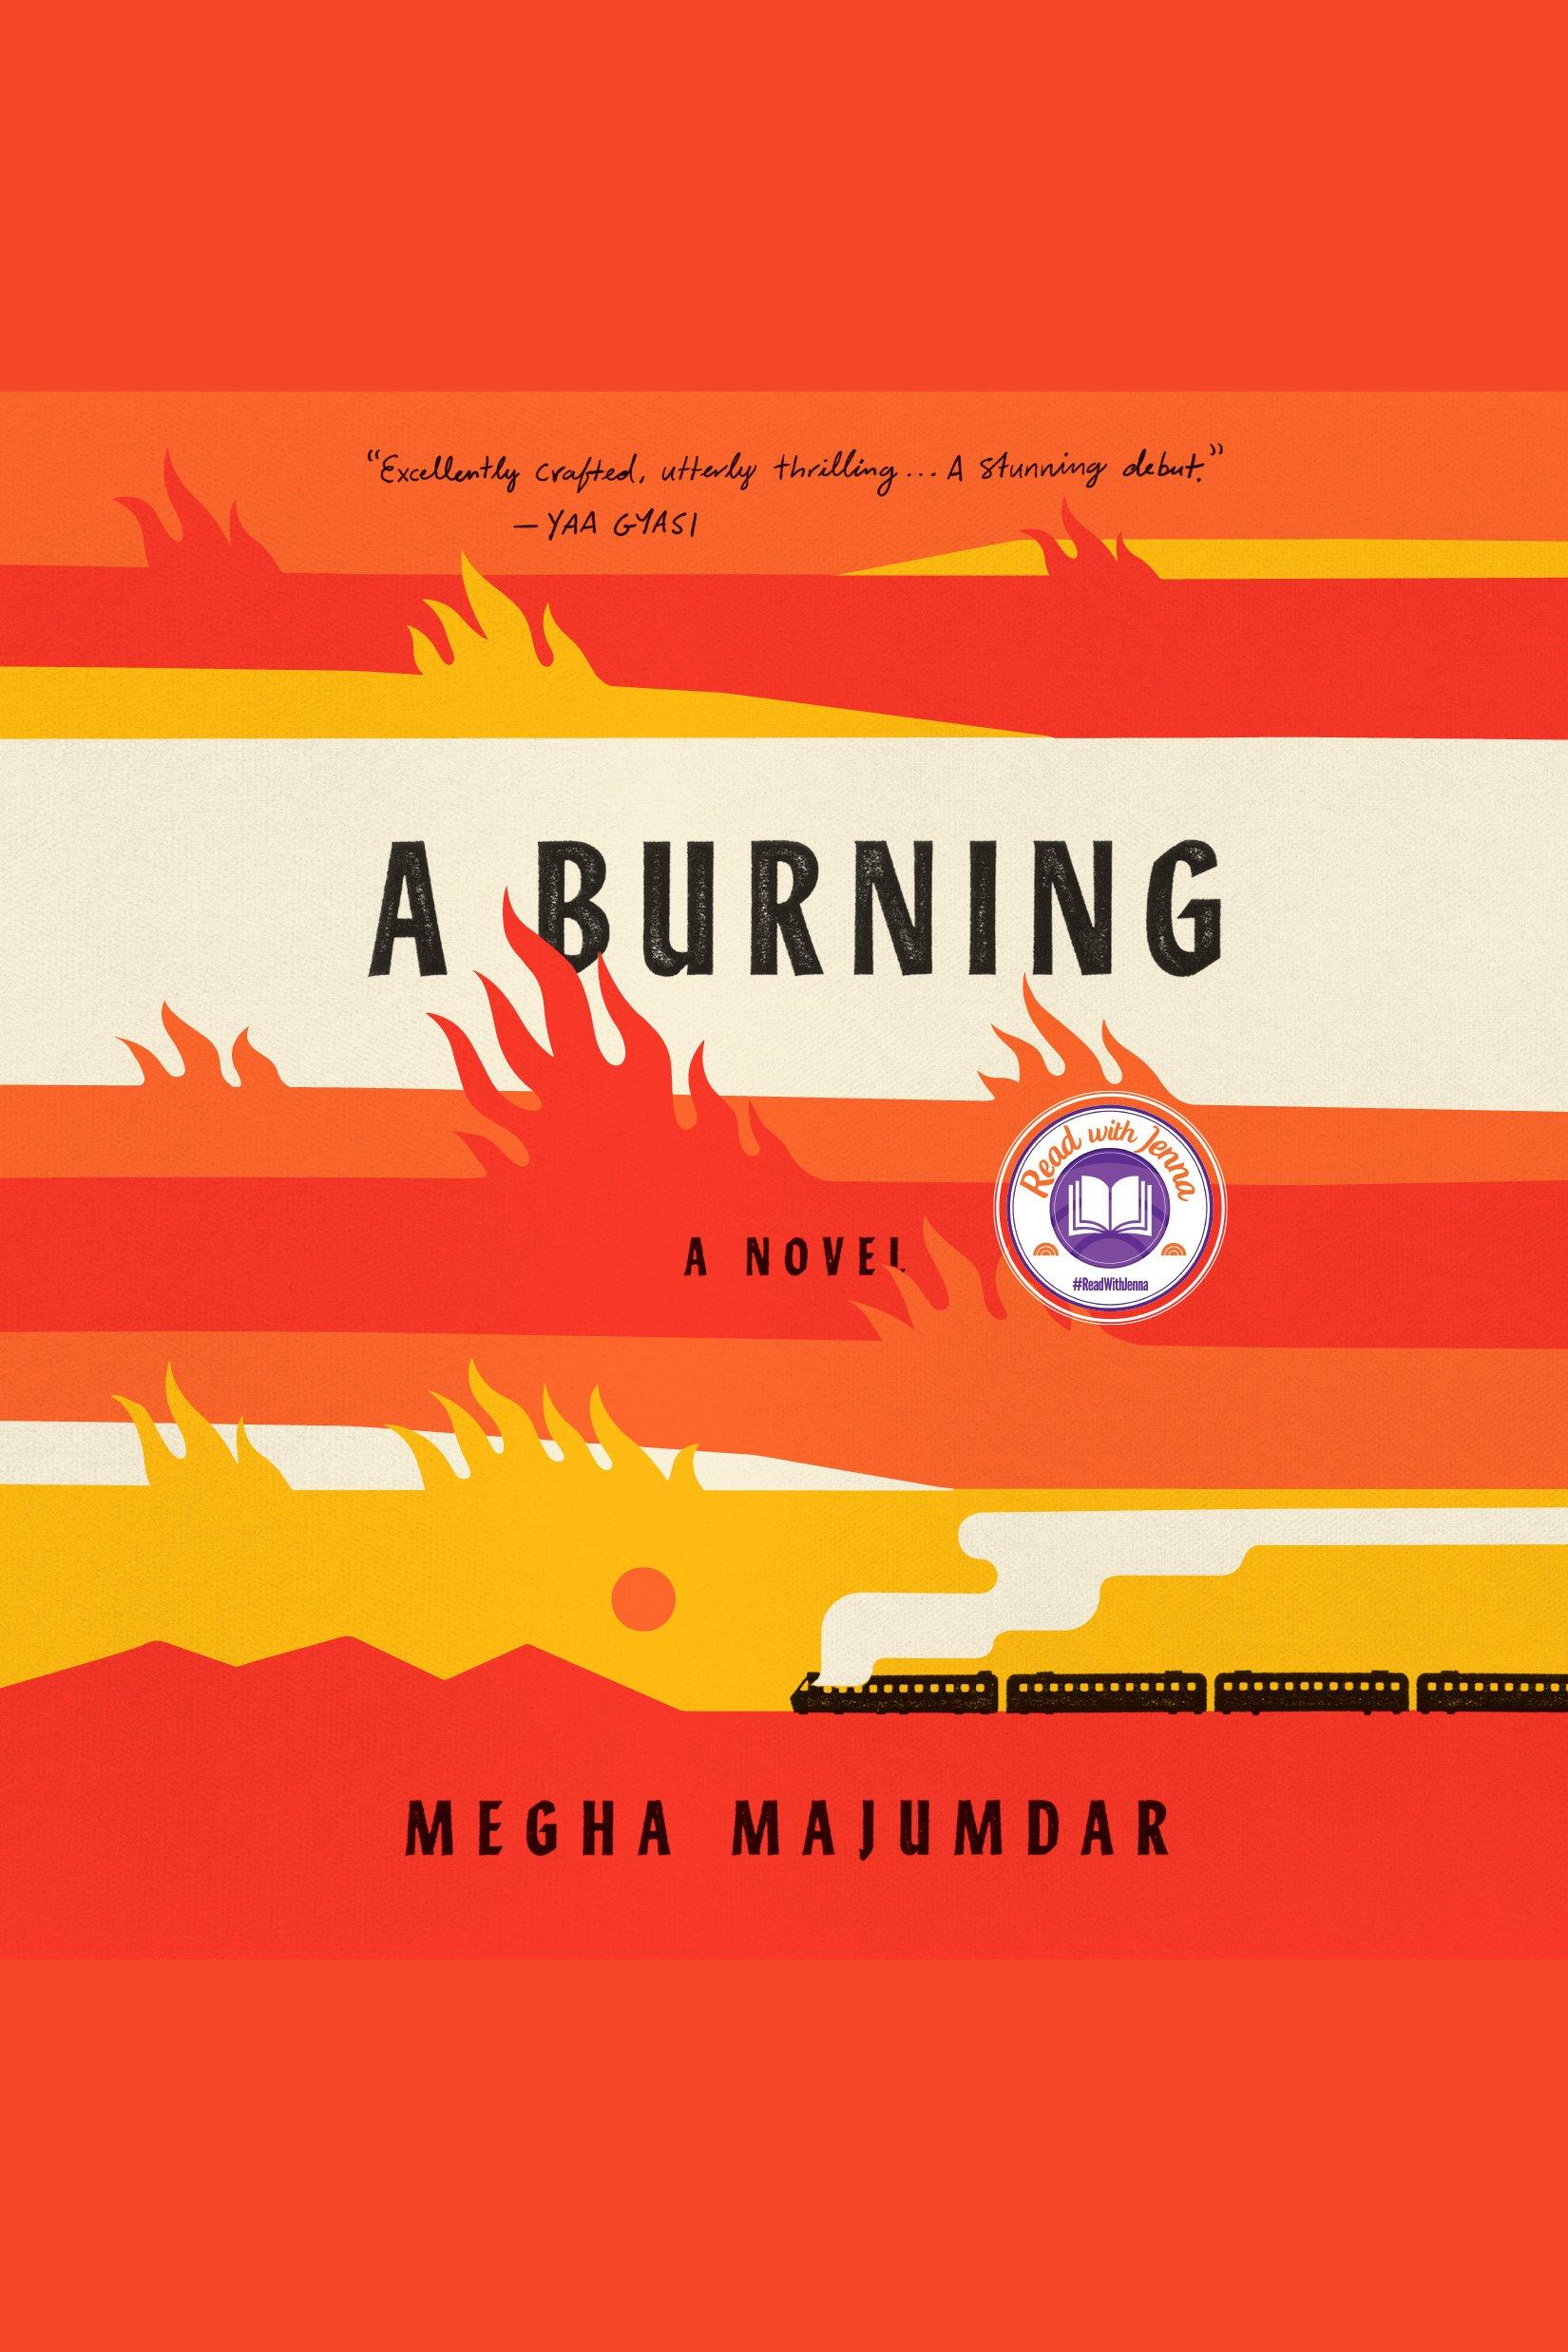 Burning, A A Novel